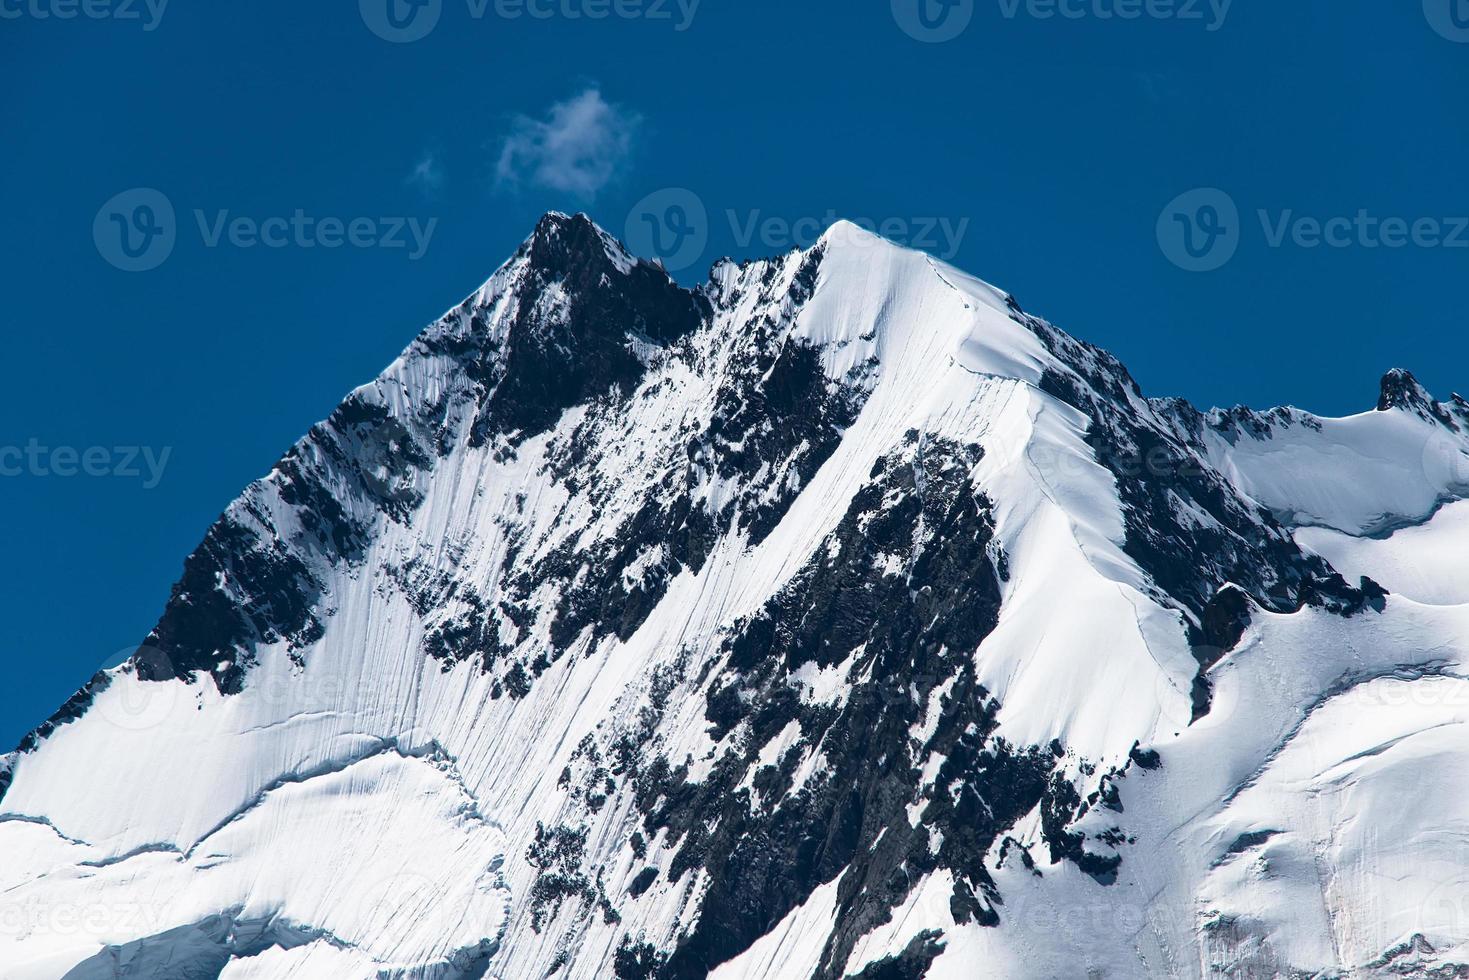 sommet des alpes rhétiques pizzo bernina avec la route de crète biancograt photo